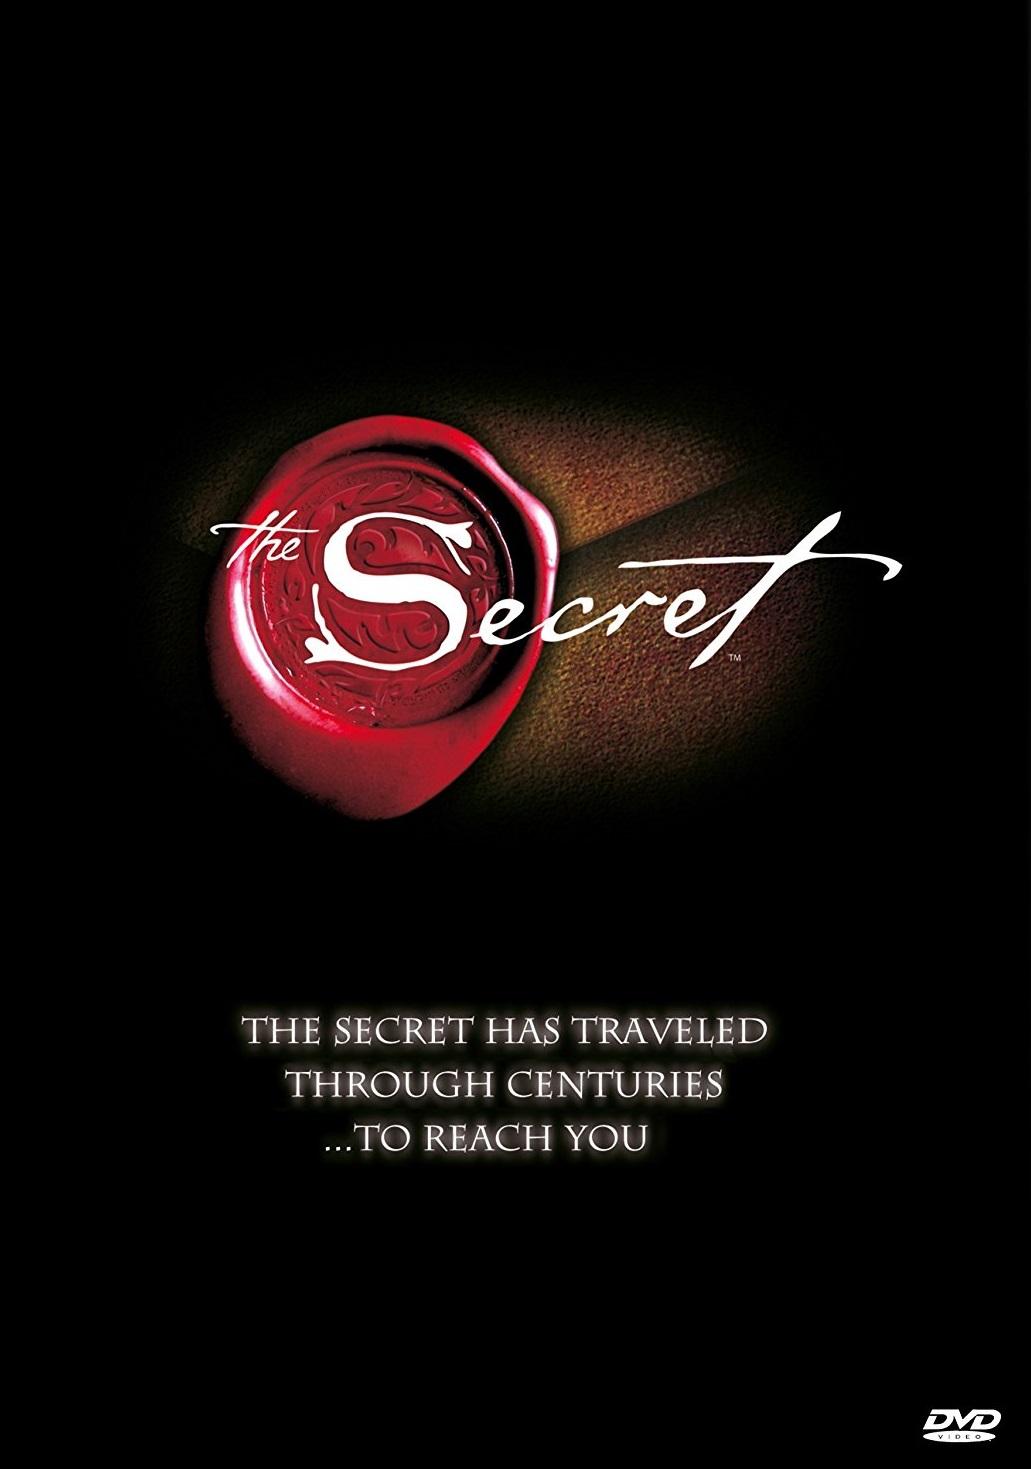 the_secret_cover_art.jpg